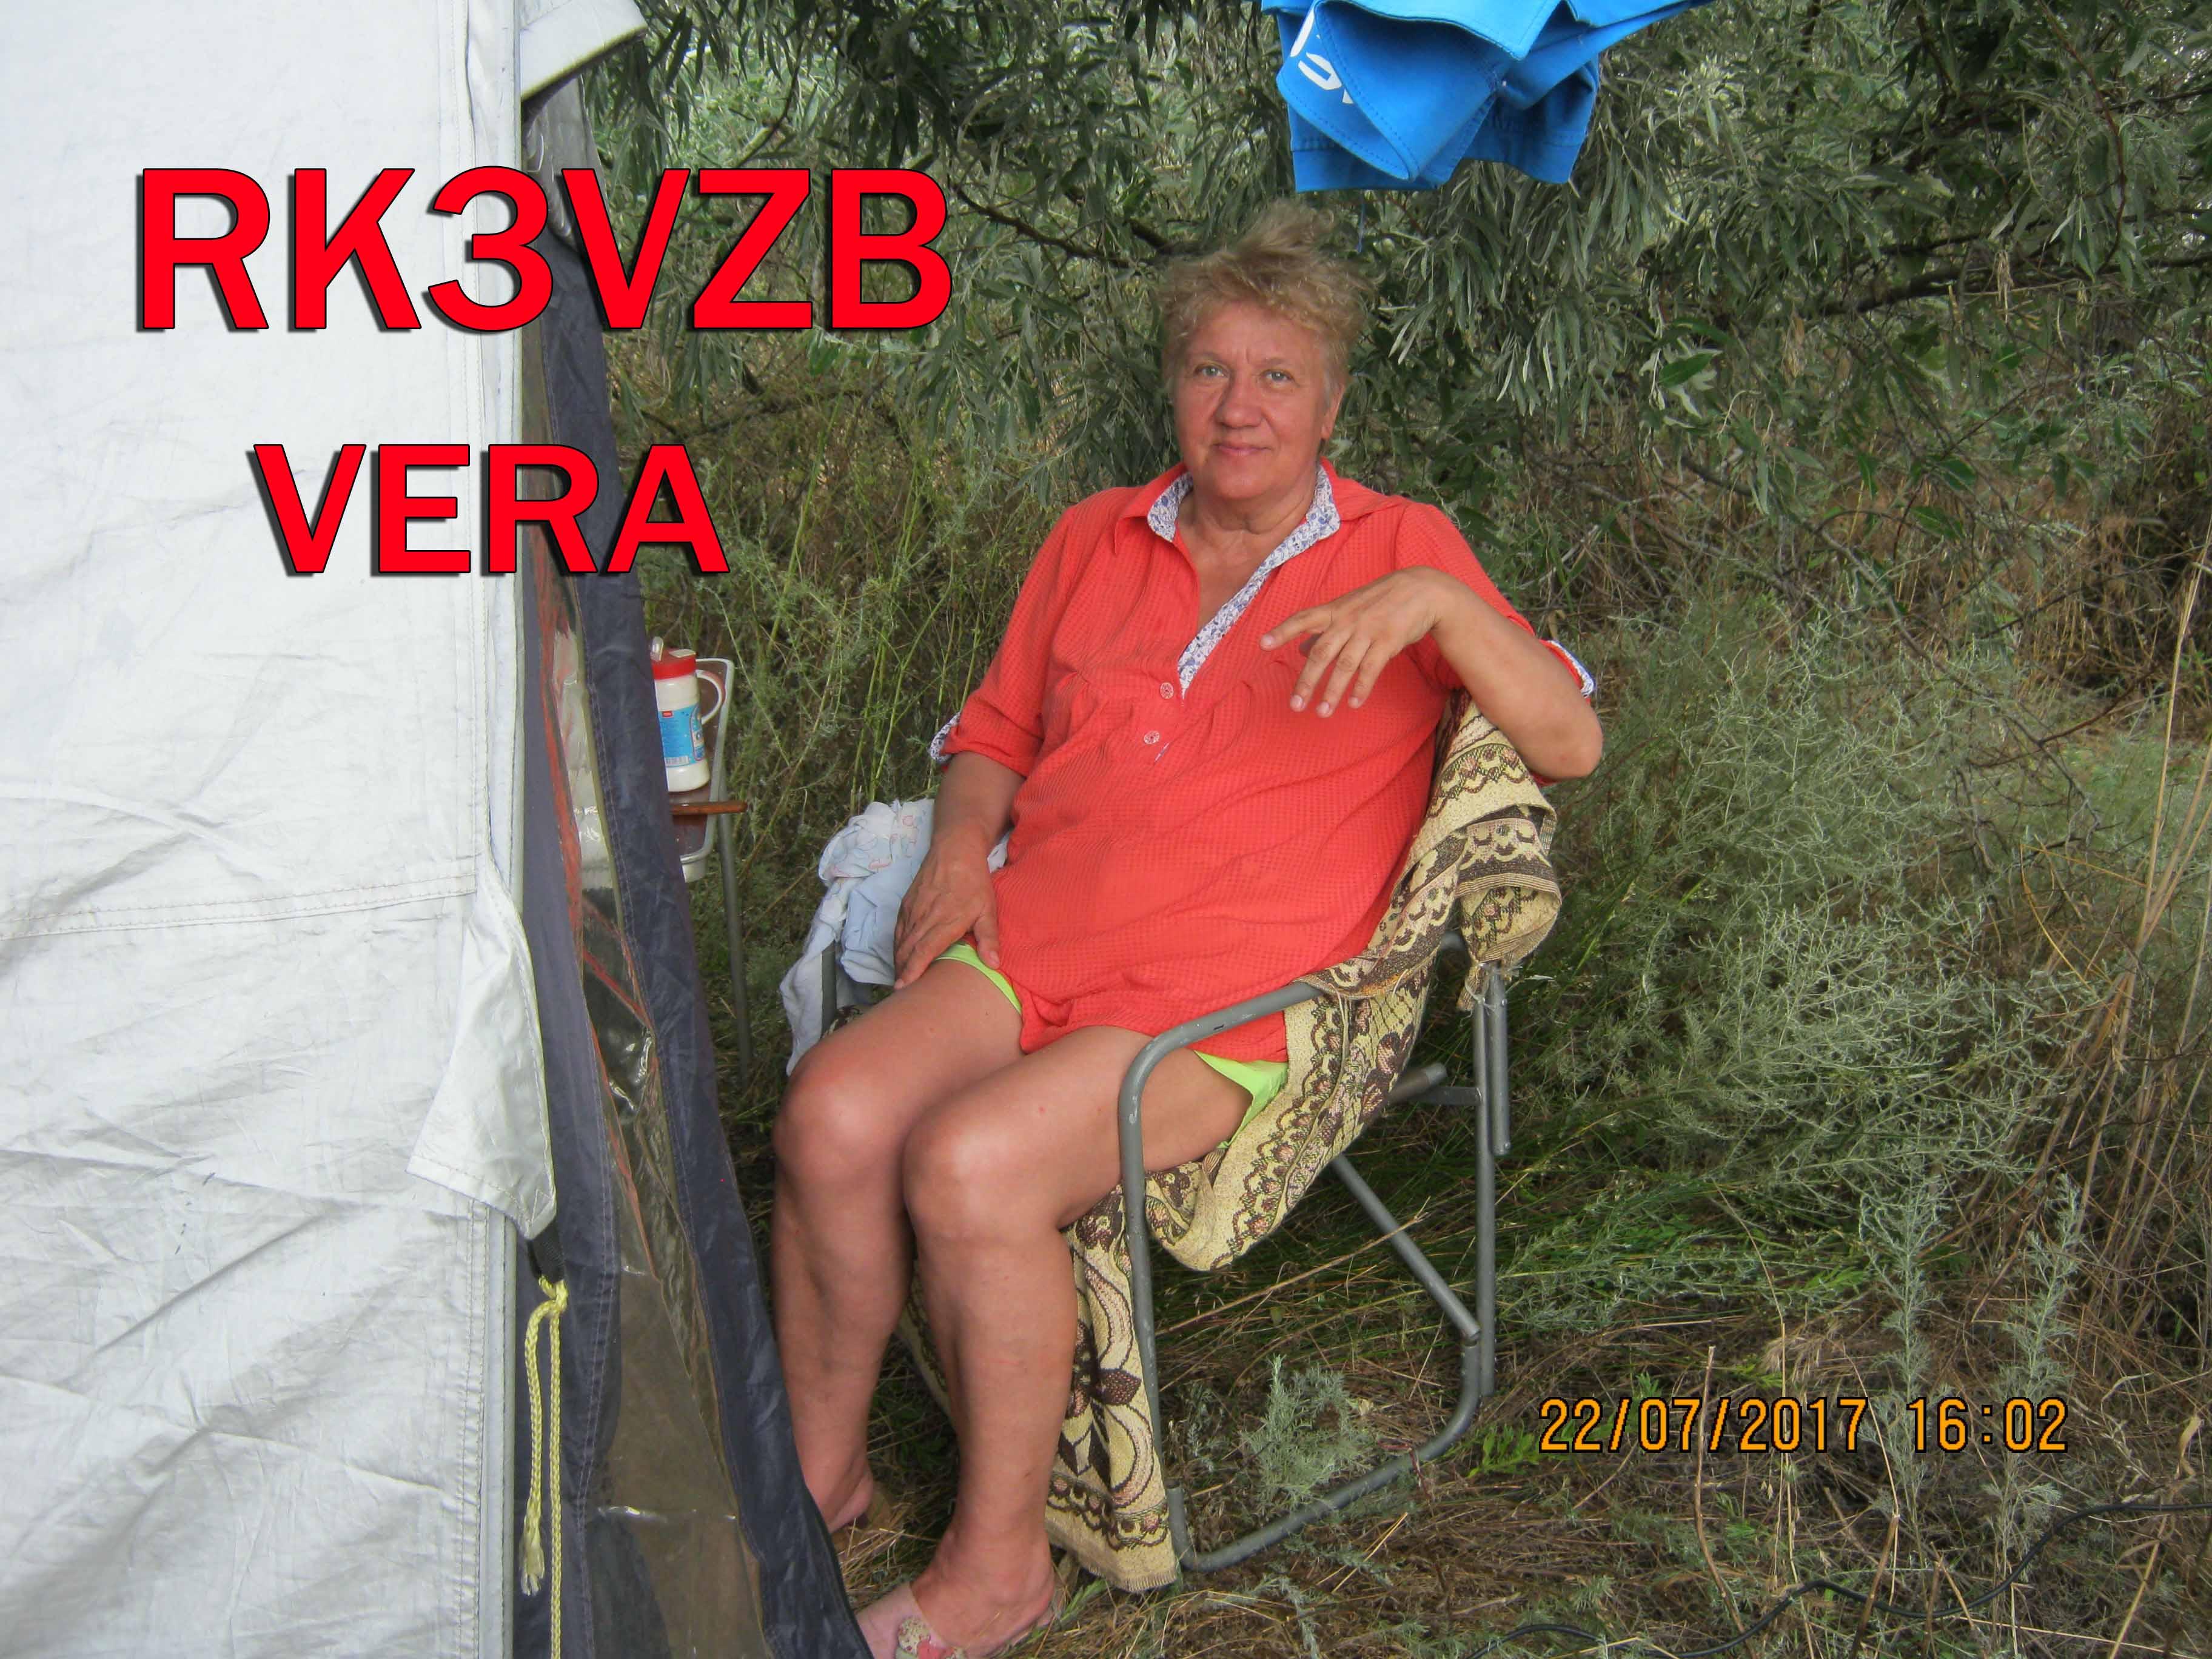 Нажмите на изображение для увеличения.  Название:RK3VZB.jpg Просмотров:3 Размер:666.2 Кб ID:193017